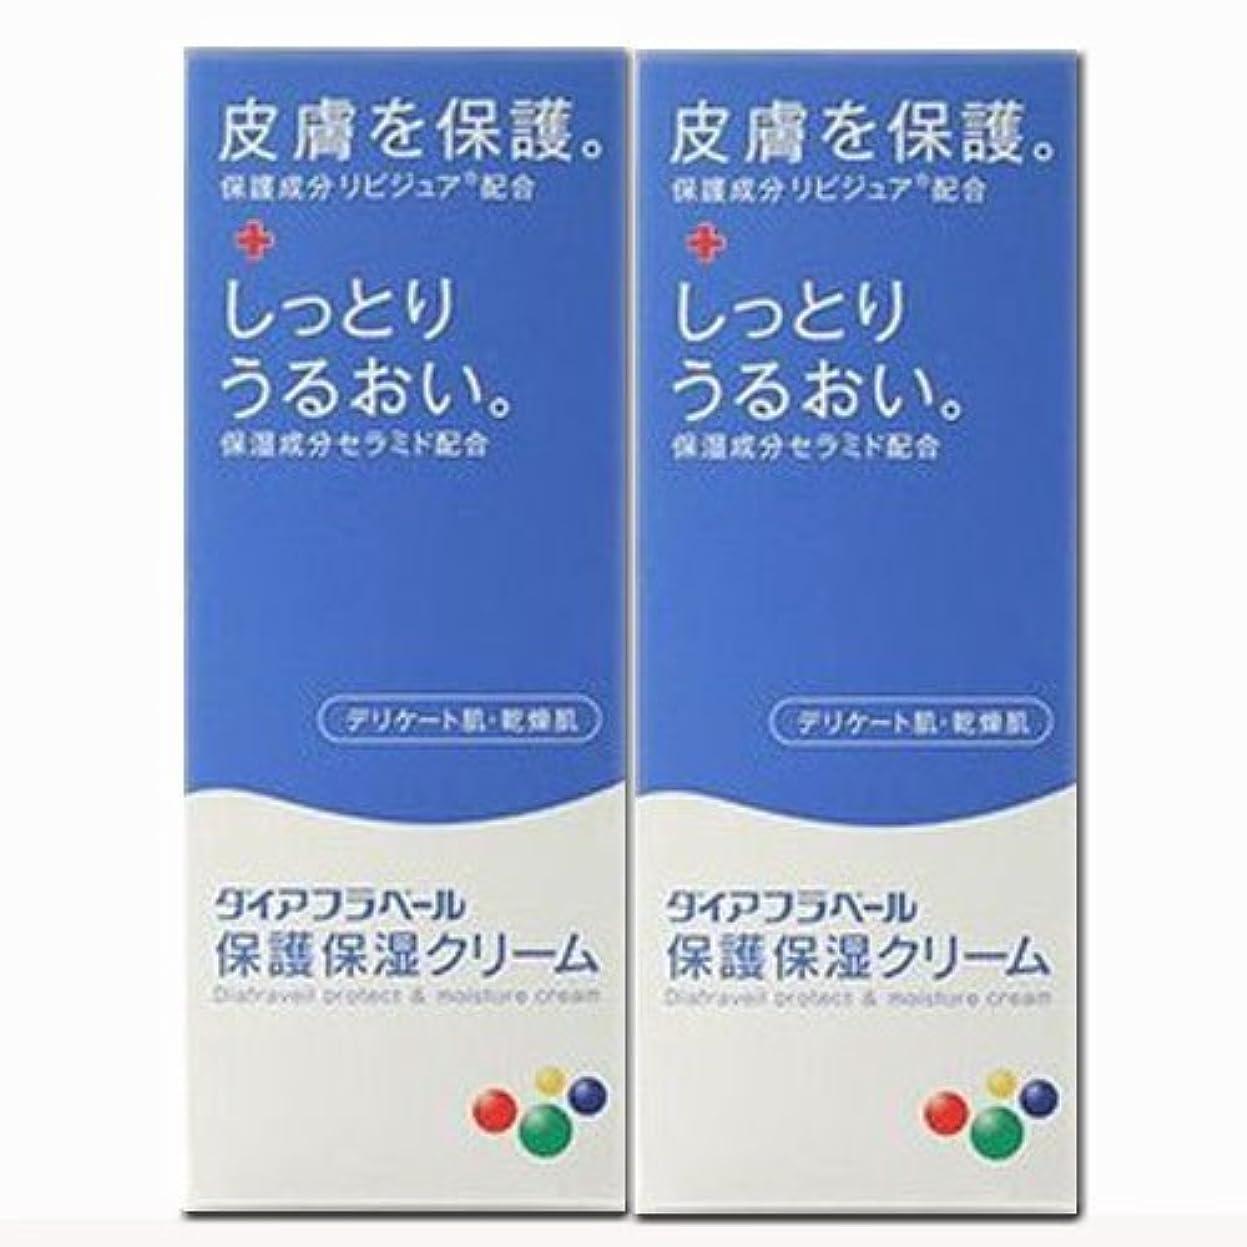 評価可能前提胚芽【2個】ダイアフラベール 保護保湿クリーム 60gx2個 (4987360200539-2)